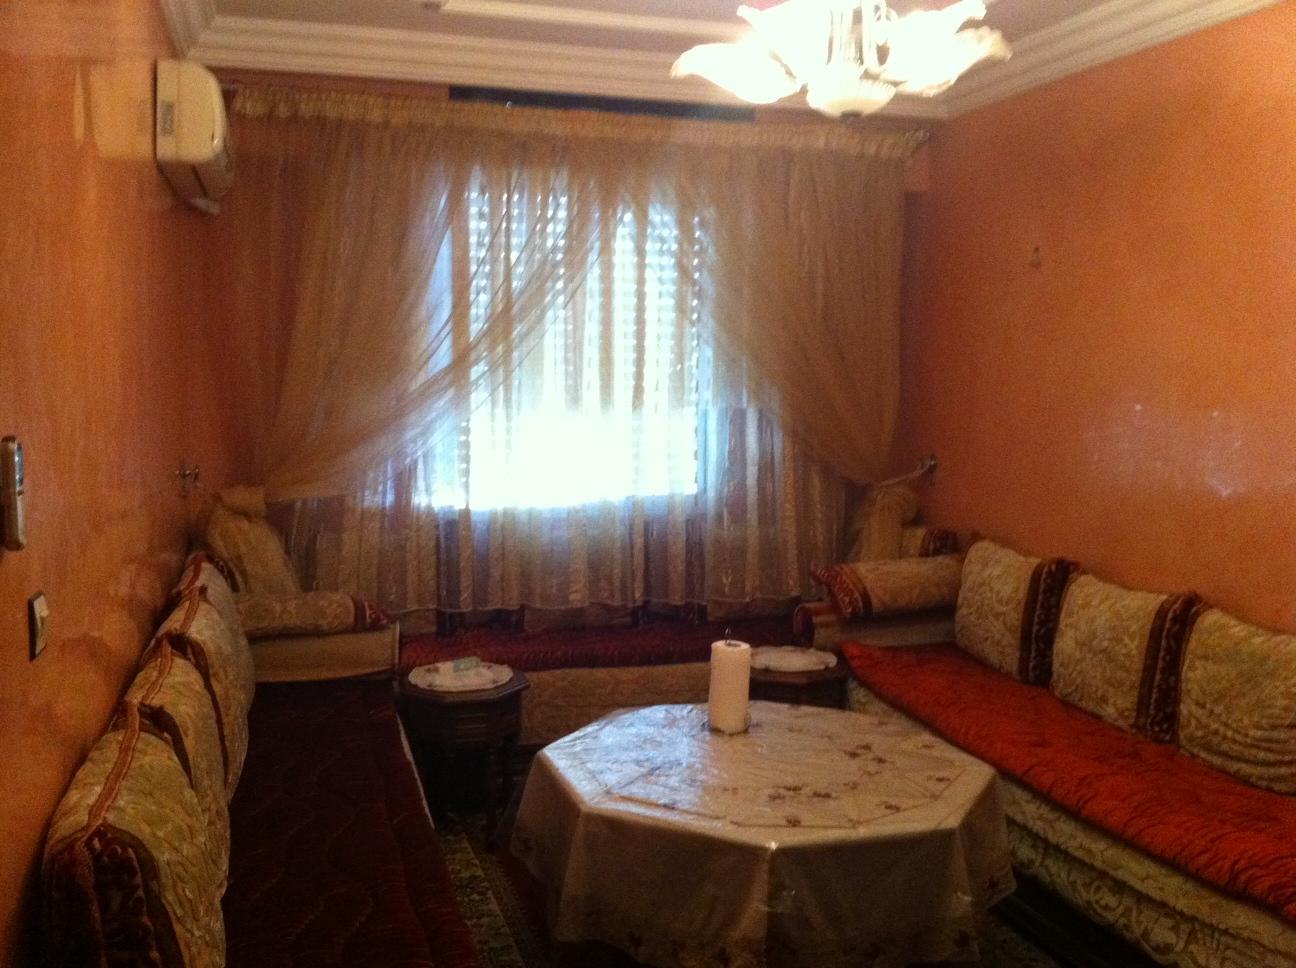 Appartement à vendre à casablanca maroc vente appartement à ...